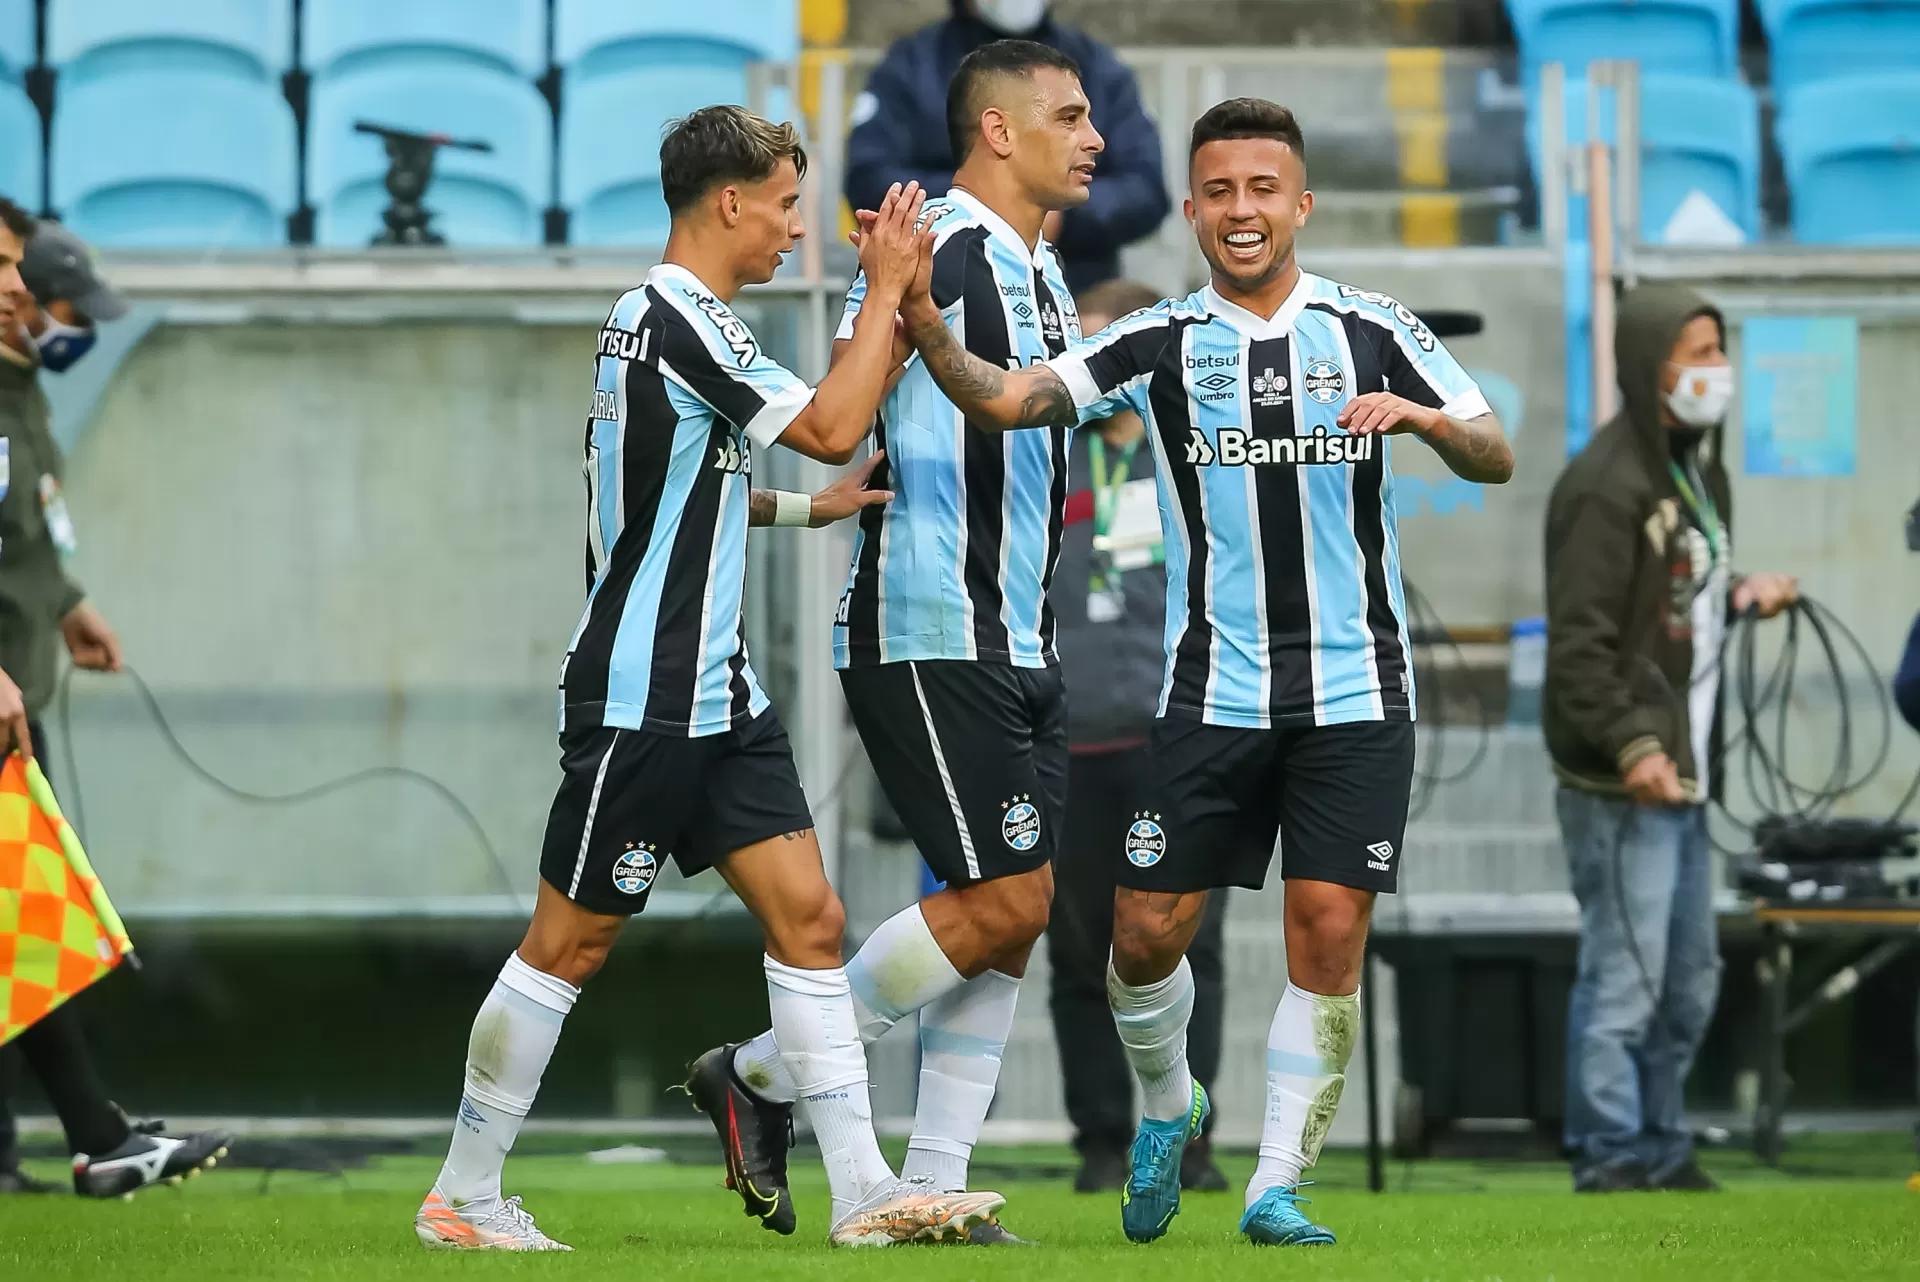 Jogadores do Grêmio comemoram o gol de Ferreira que garantiu o tetra (Foto: site oficial do Grêmio)